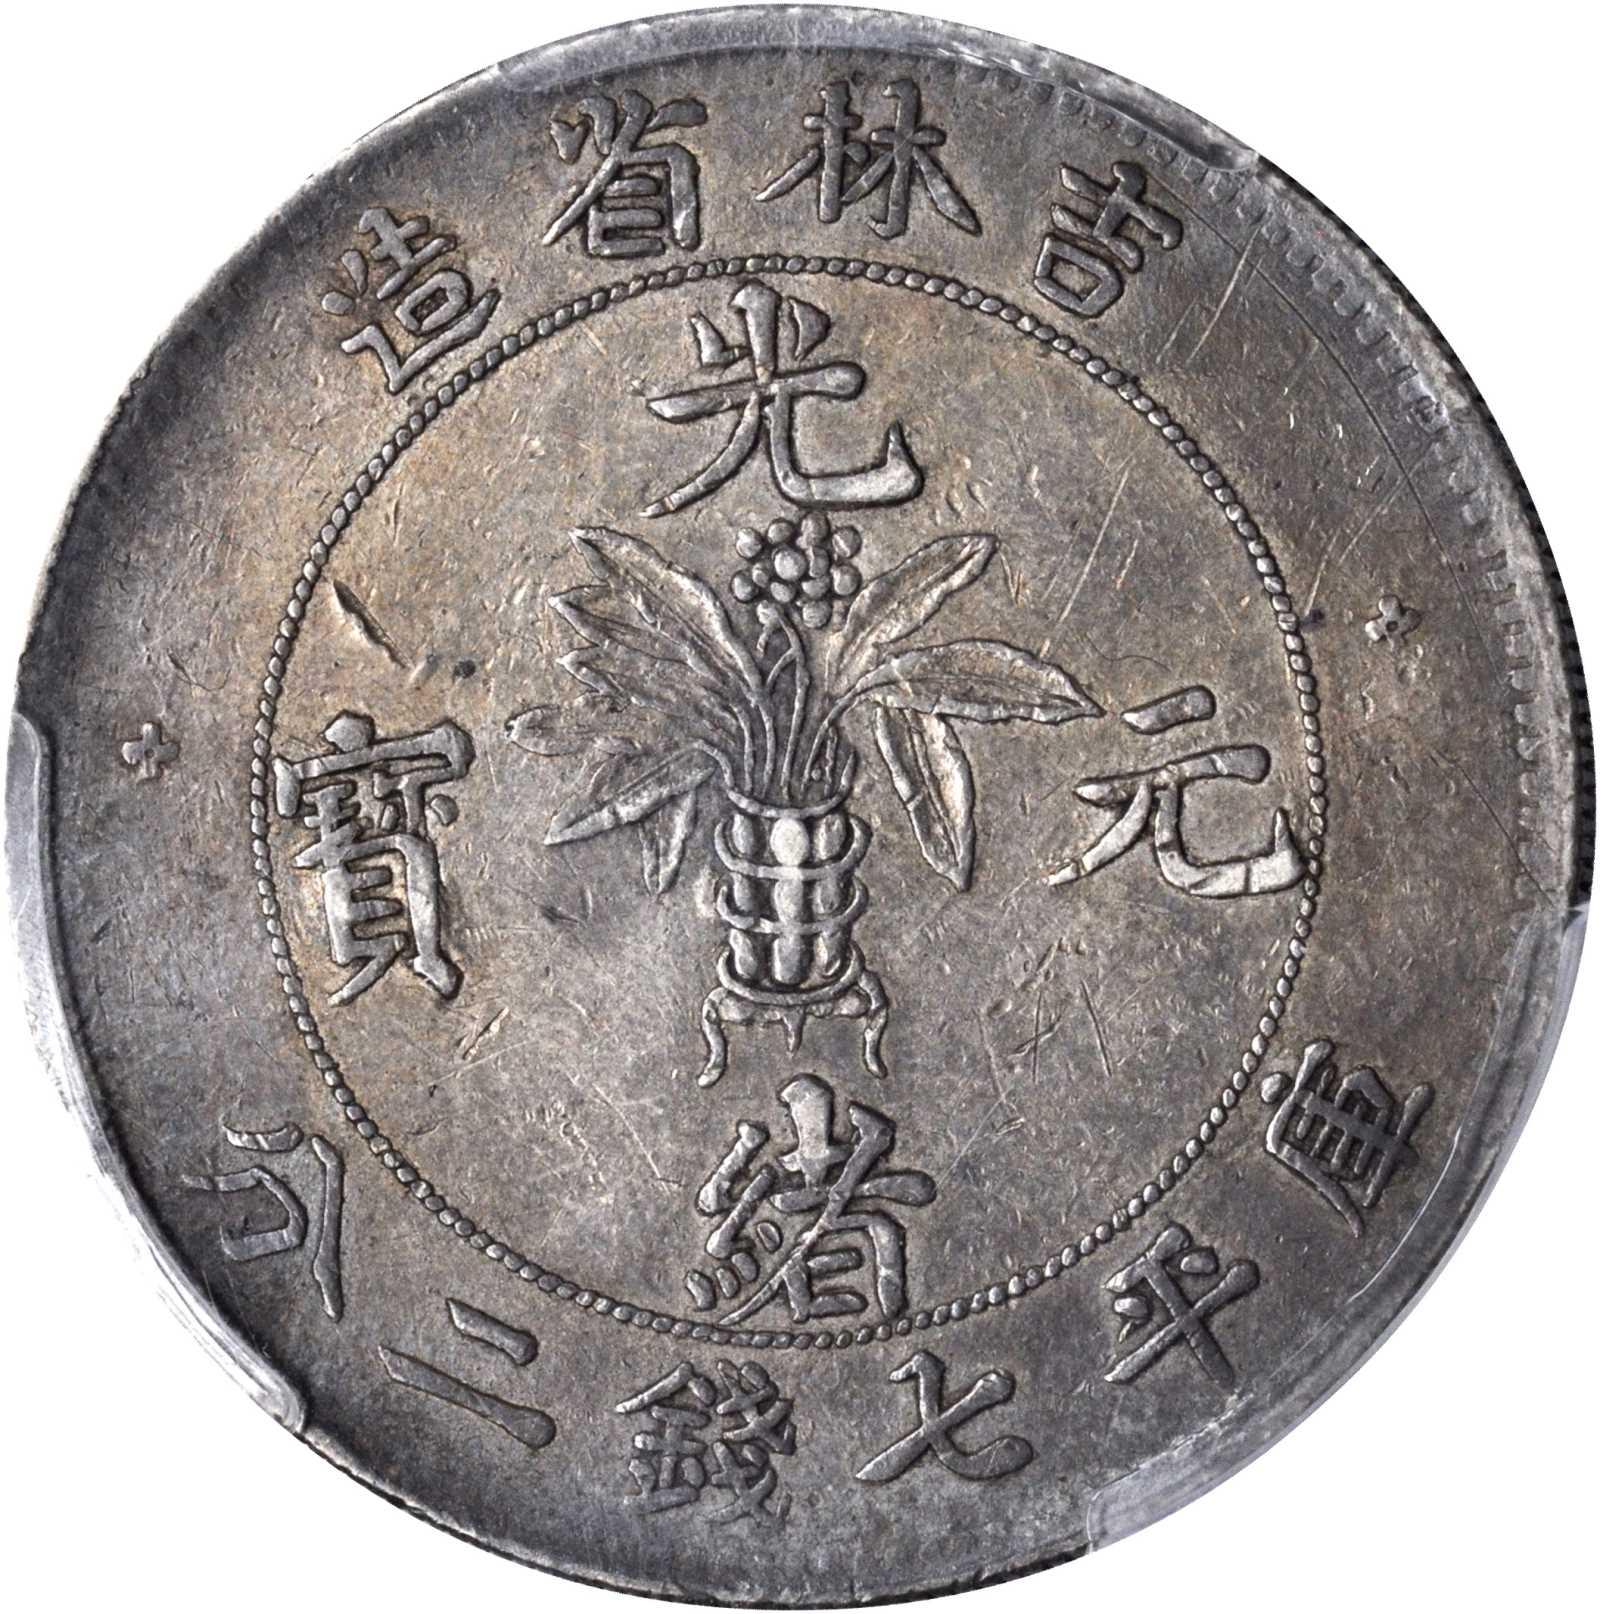 PCGS XF 40吉林省造无纪年尔宝七钱二分十字花